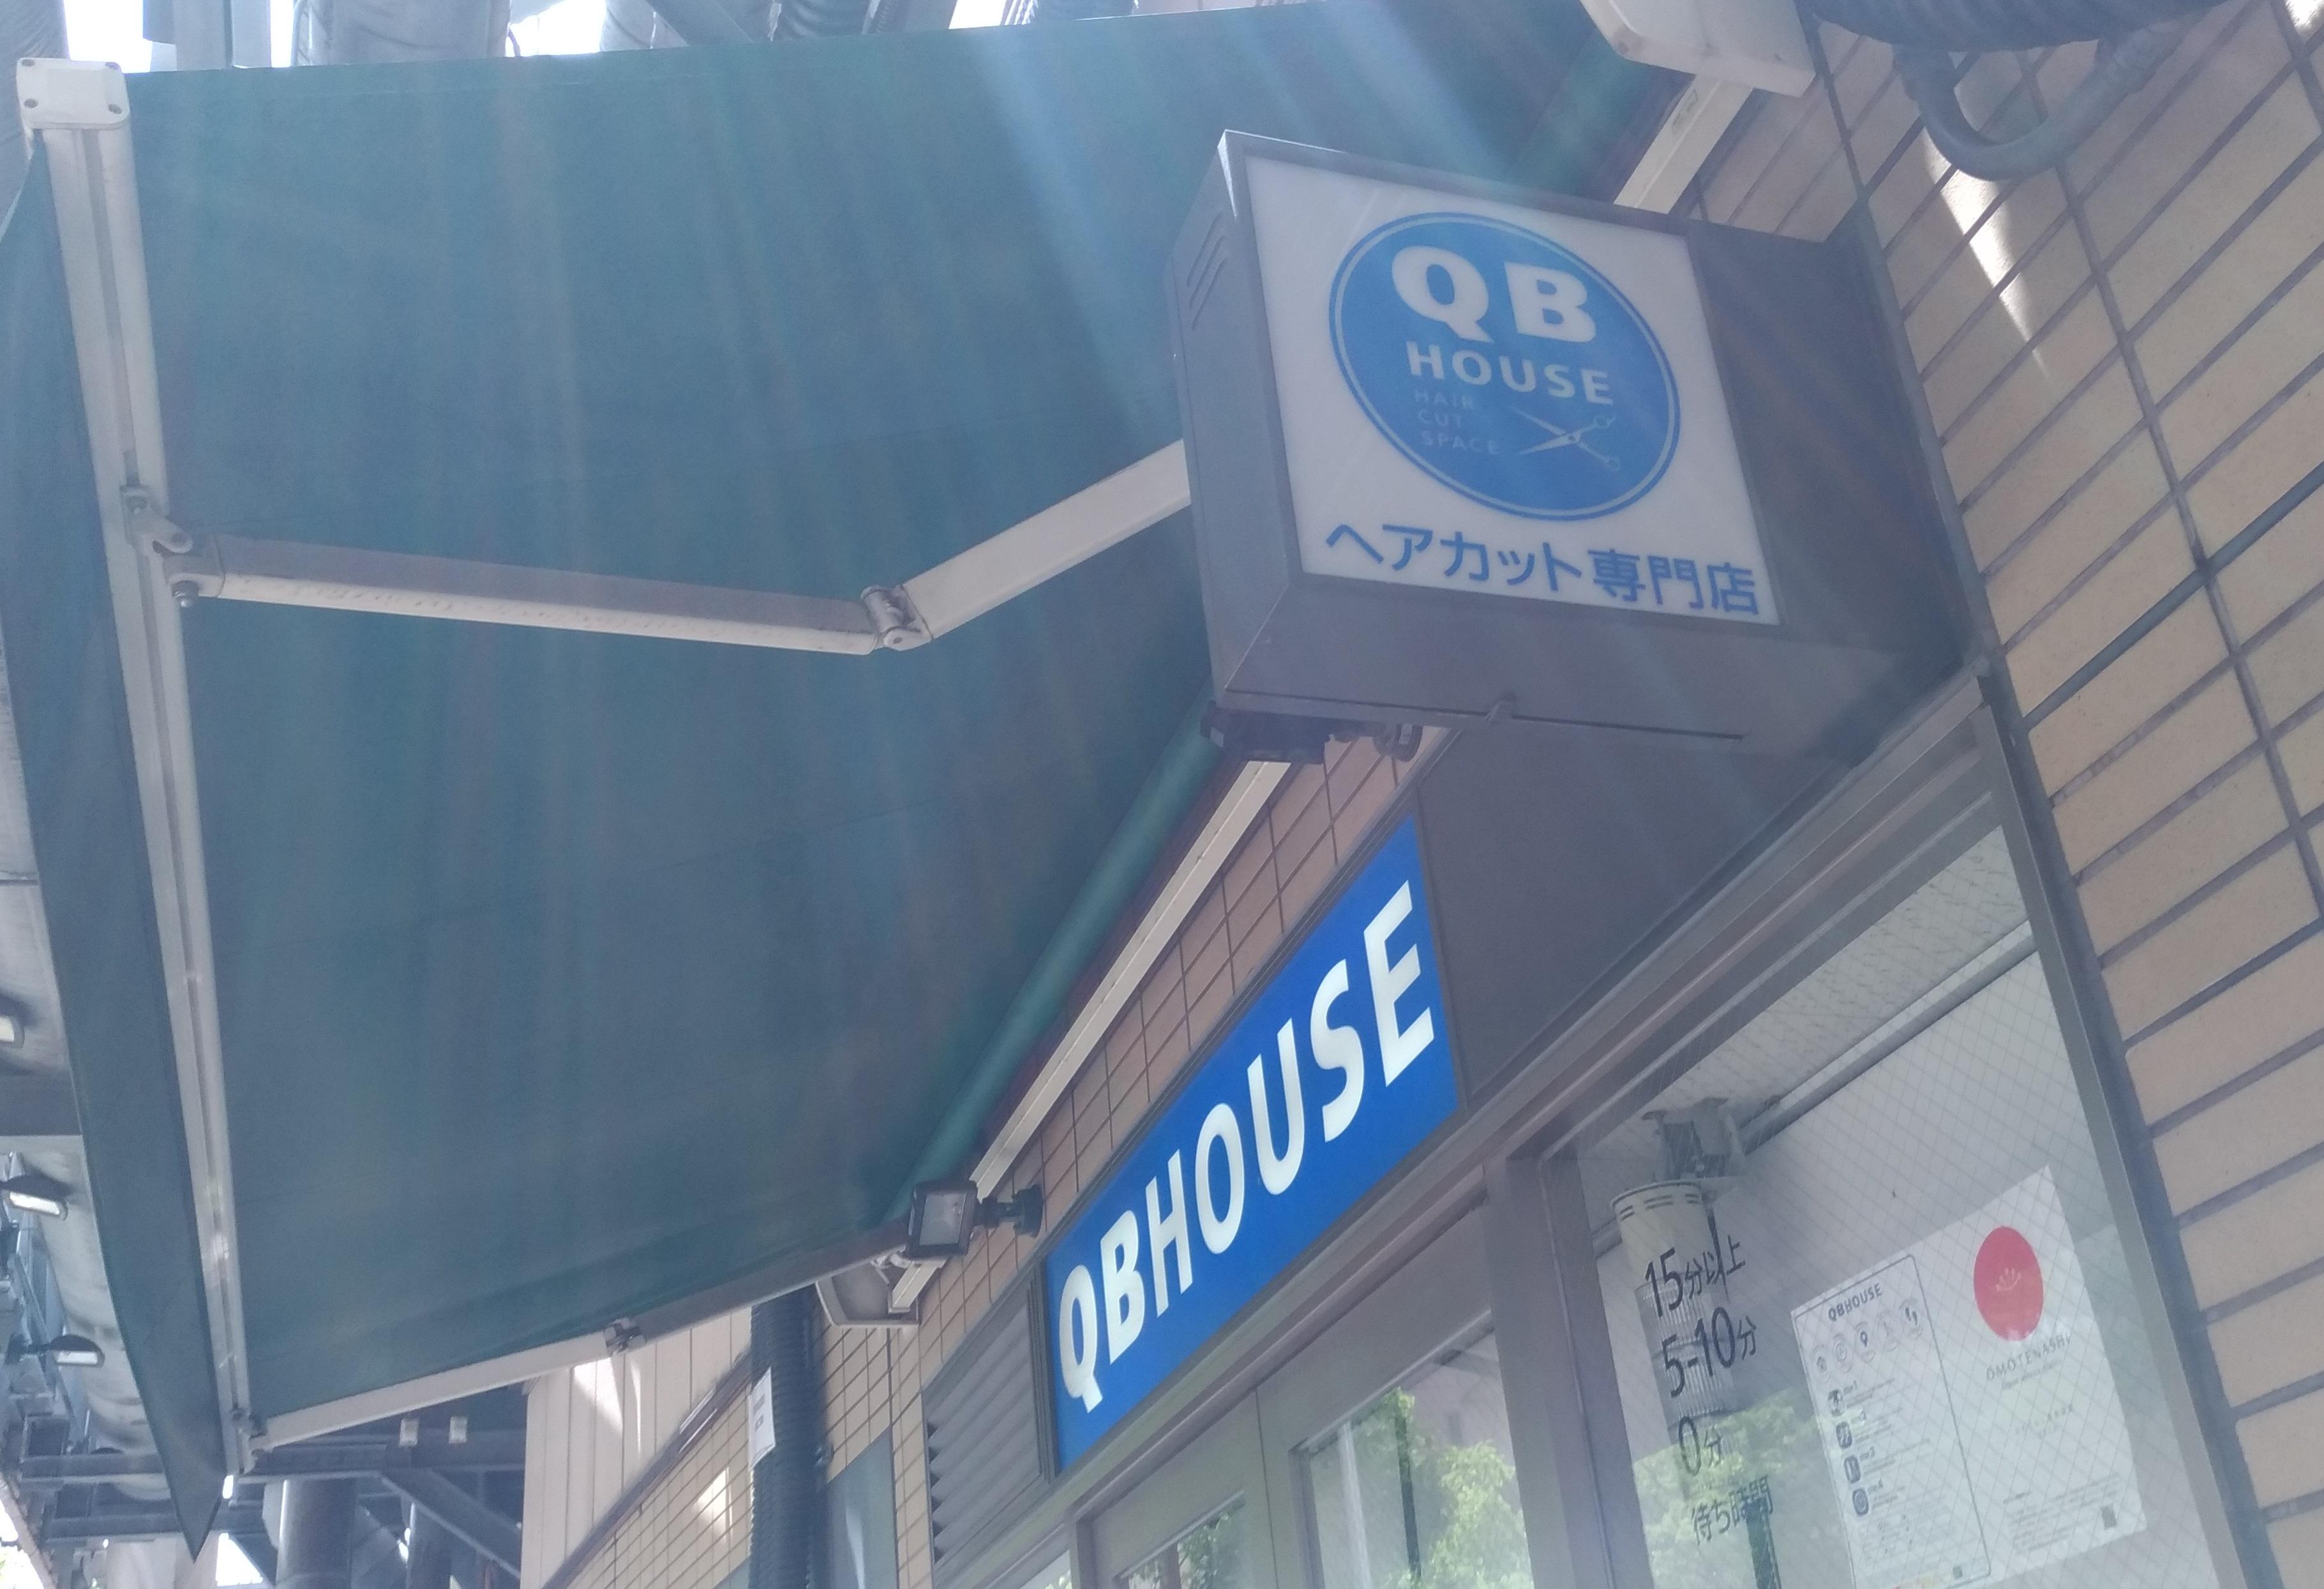 QBhouse_osaka_umeda_umekomich_0523_4.jpg